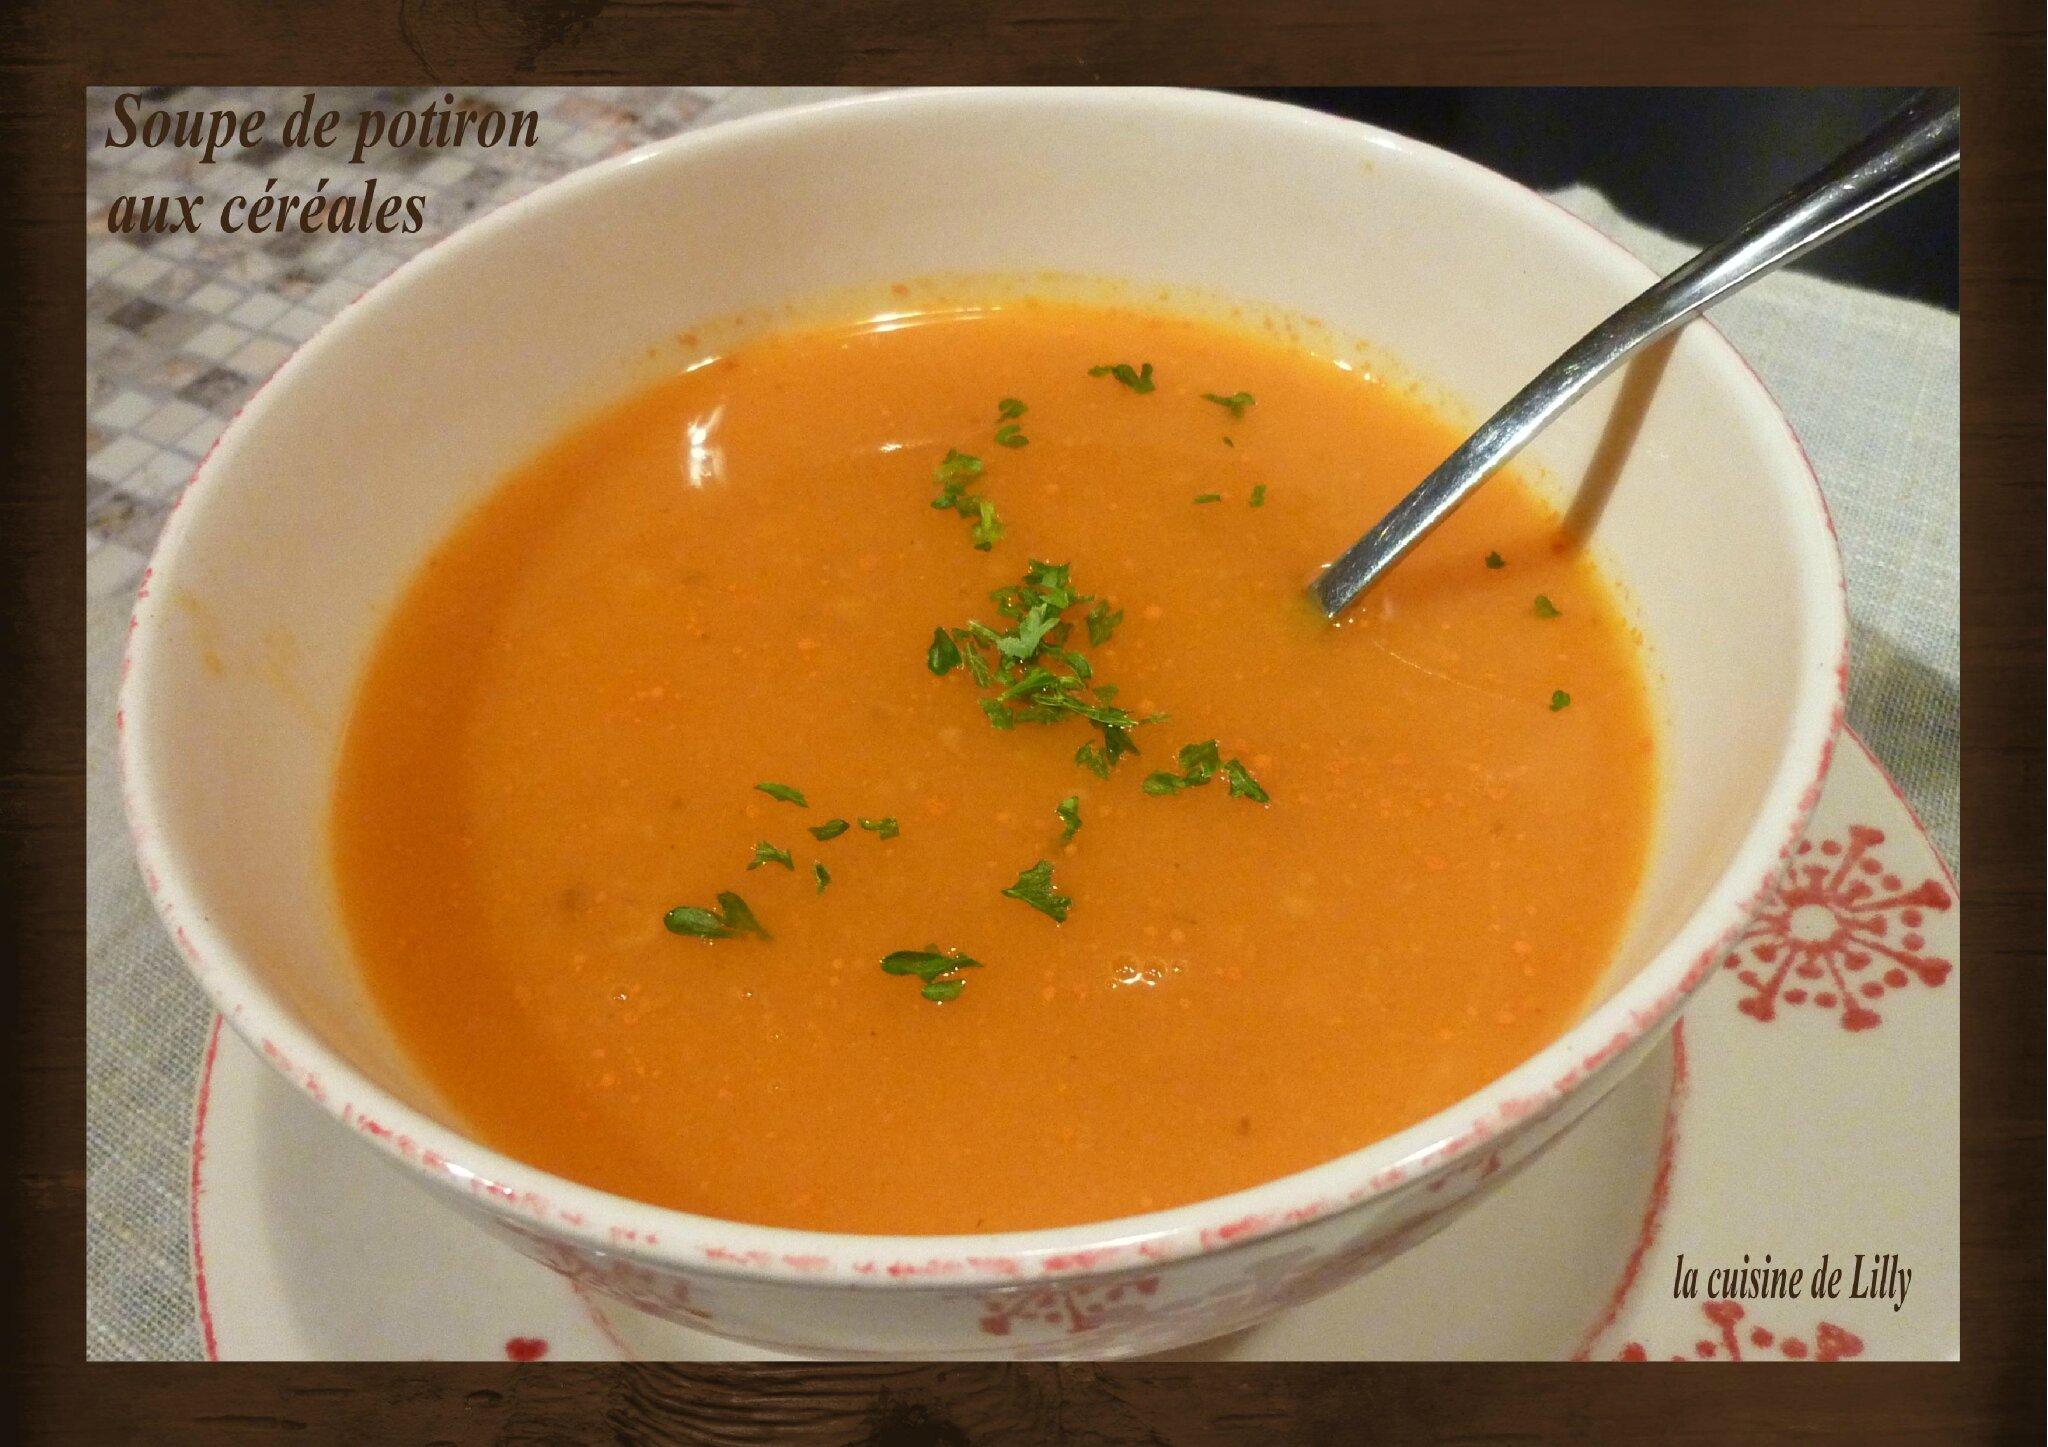 Soupe de potiron la cuisine de lilly - Soupe potiron cocotte minute ...